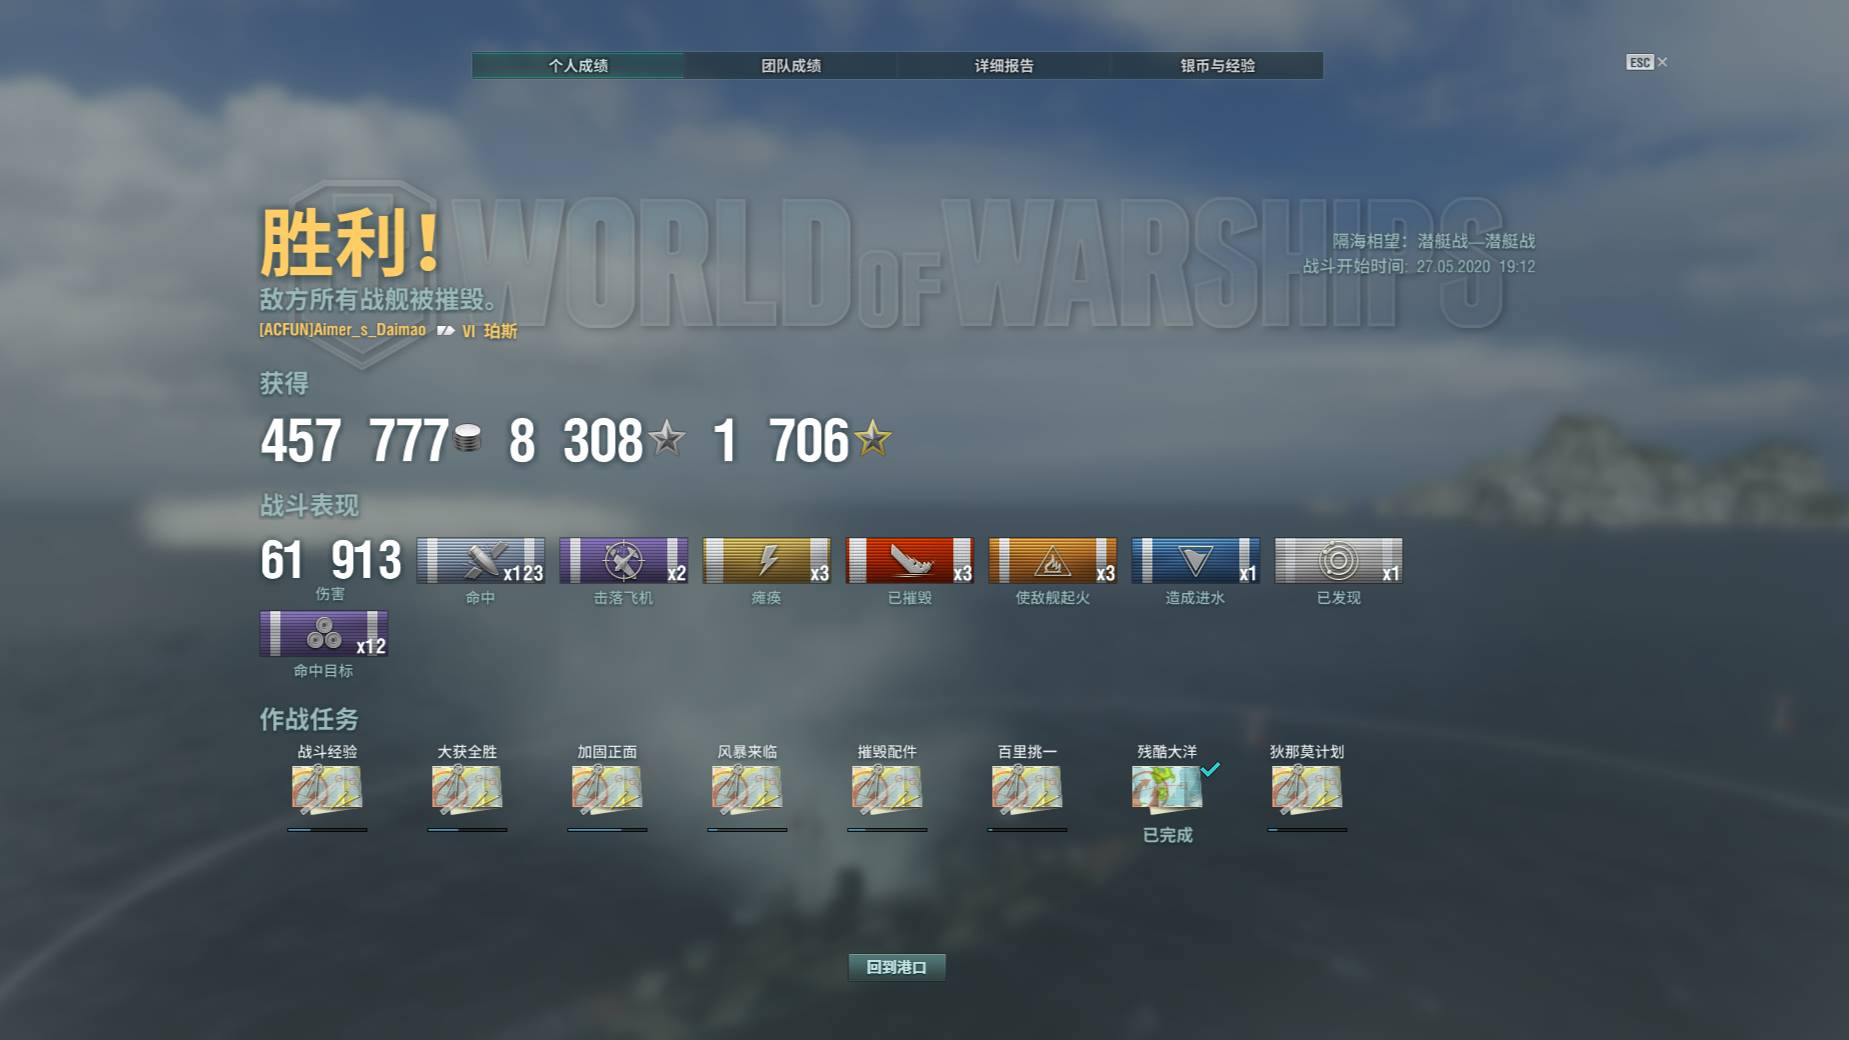 【战舰世界美服】在?潜艇都出了还不回坑吗?